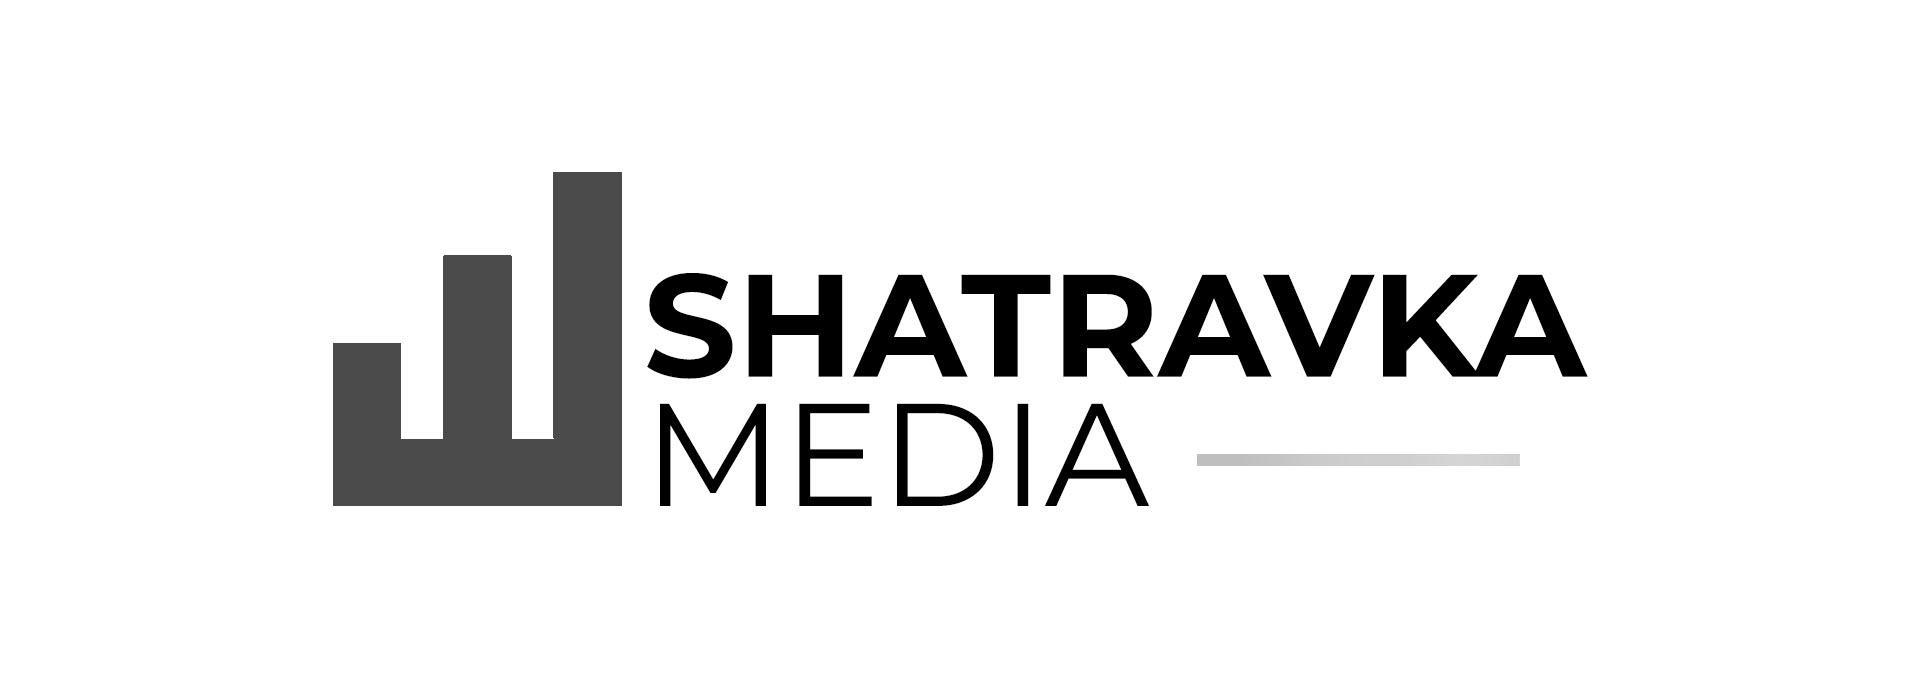 SHATRAVKA MEDIA